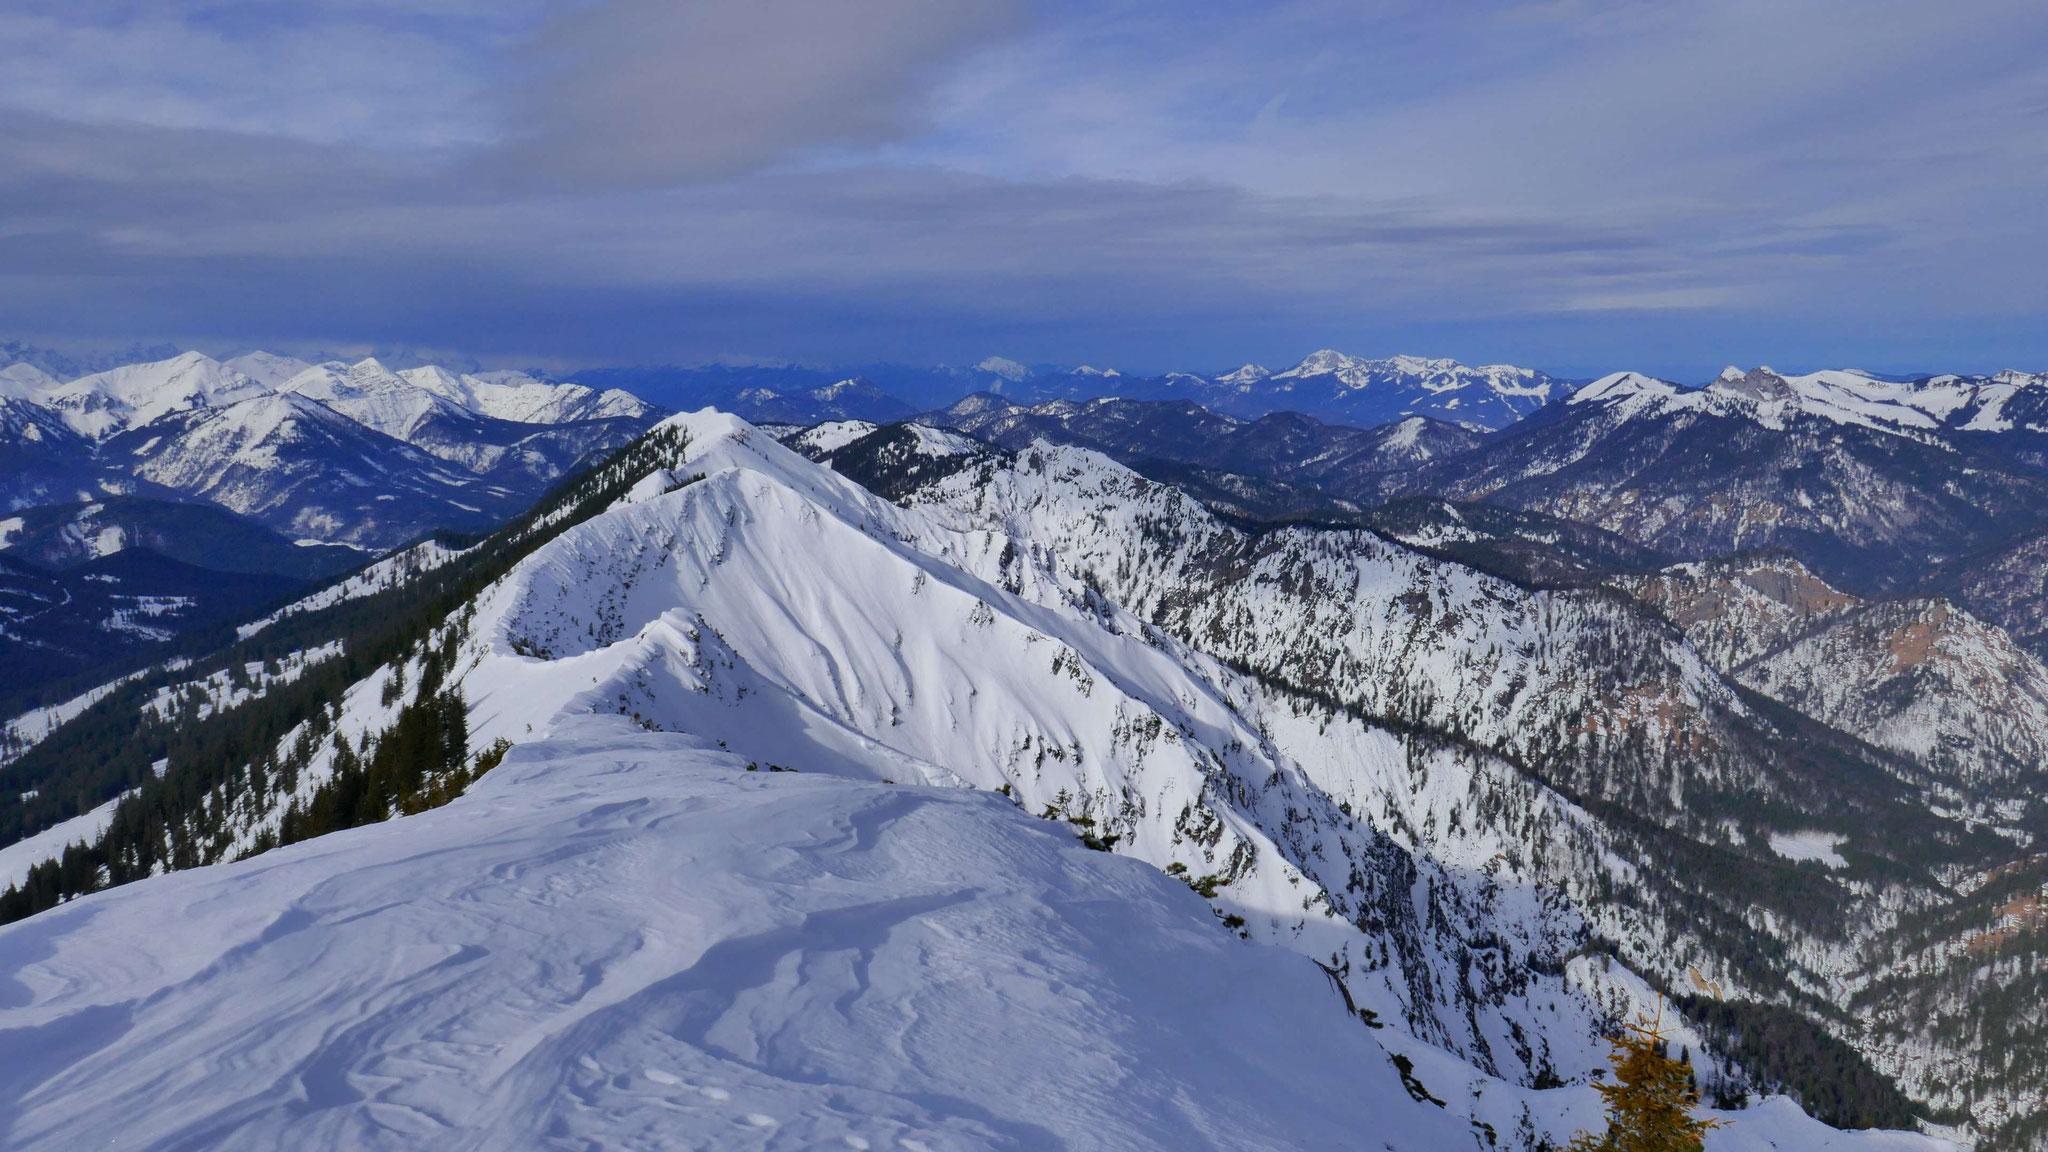 Blaubergkamm, rechts dahinter Estergebirge und Ammergauer Alpen